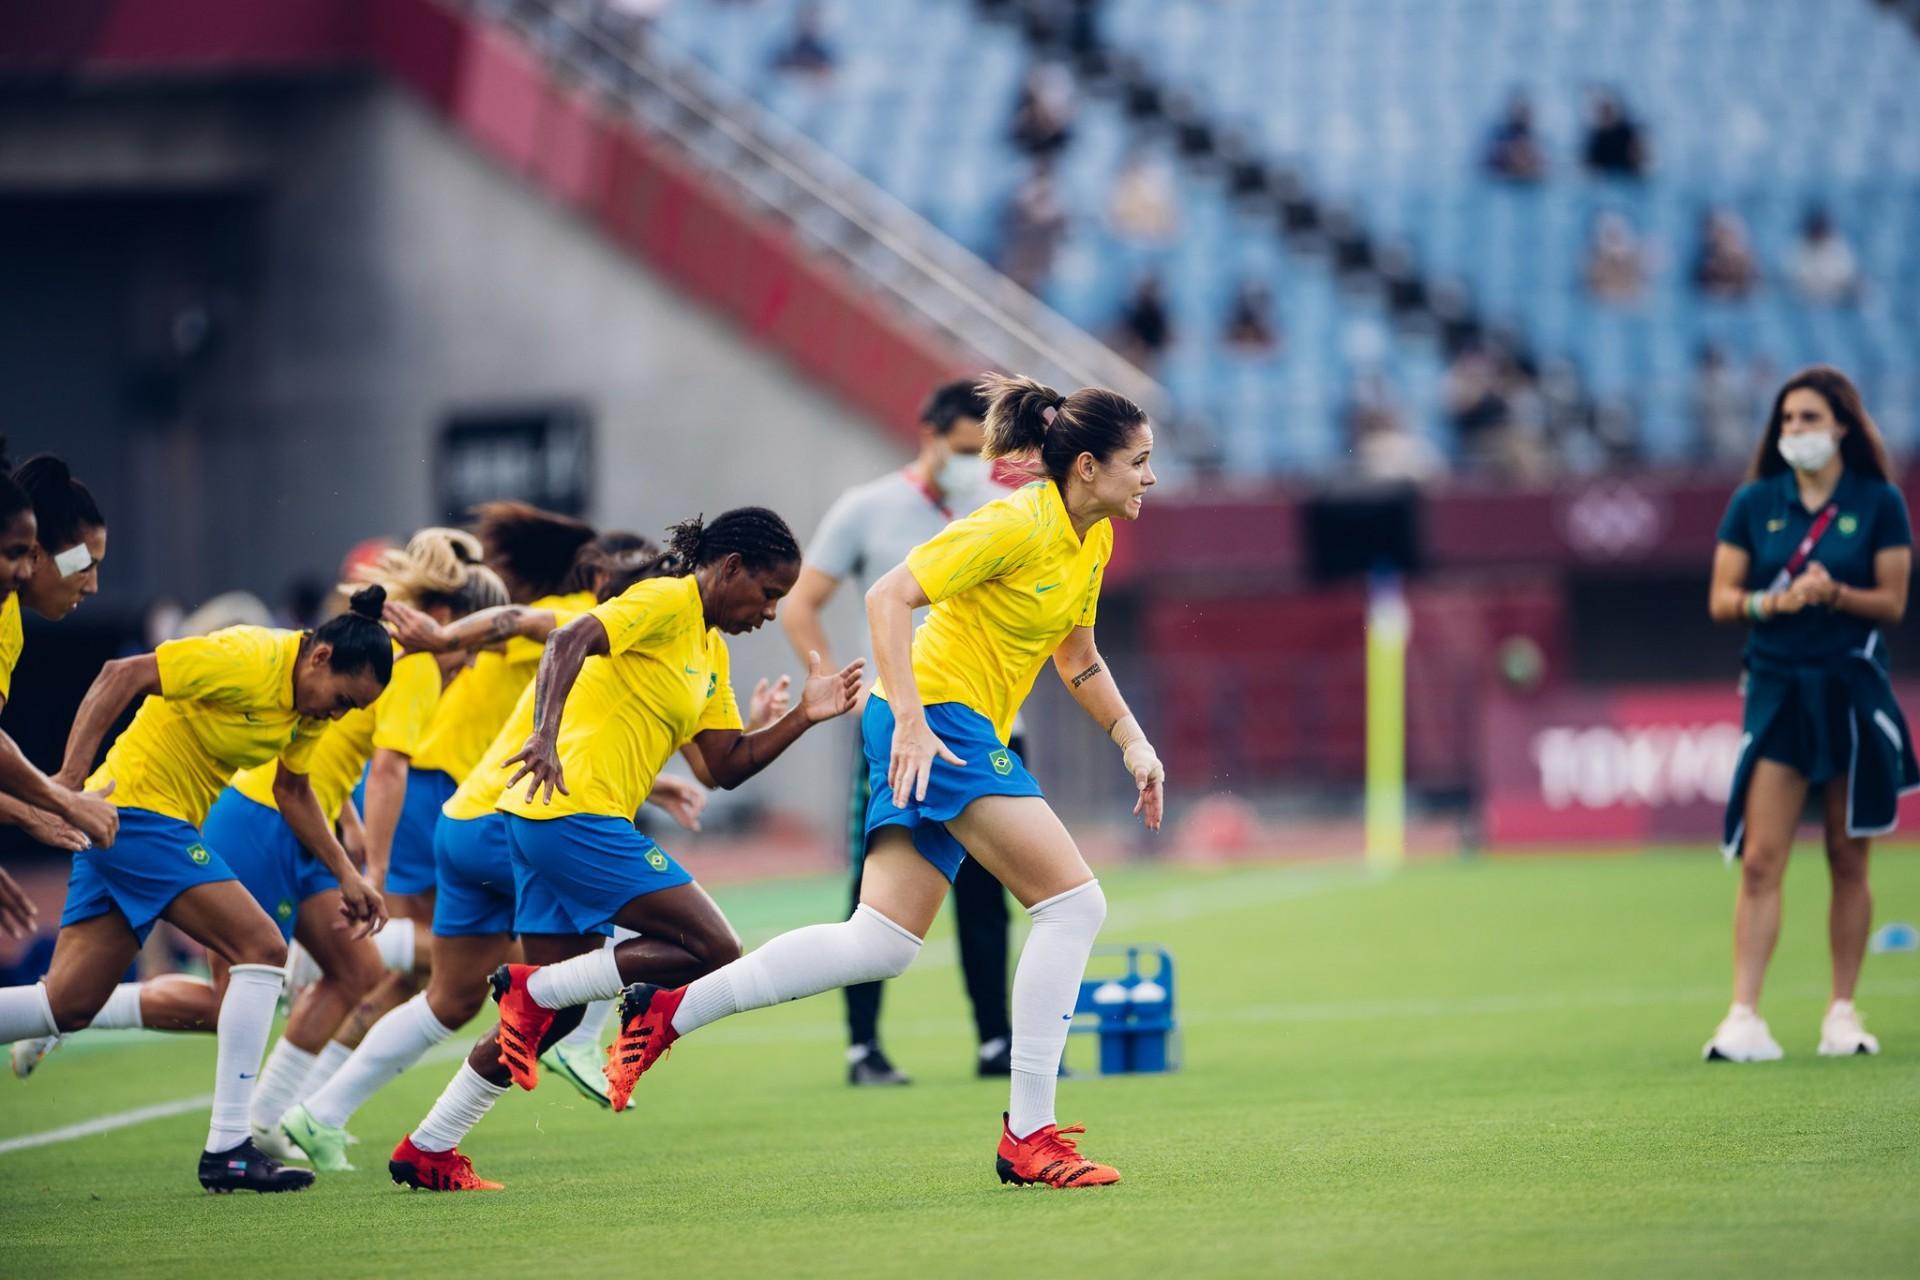 Seleção feminina foi eliminada das Olimpíadas após disputa de pênaltis contra o Canadá.  (Foto: Sam Robles/CBF)